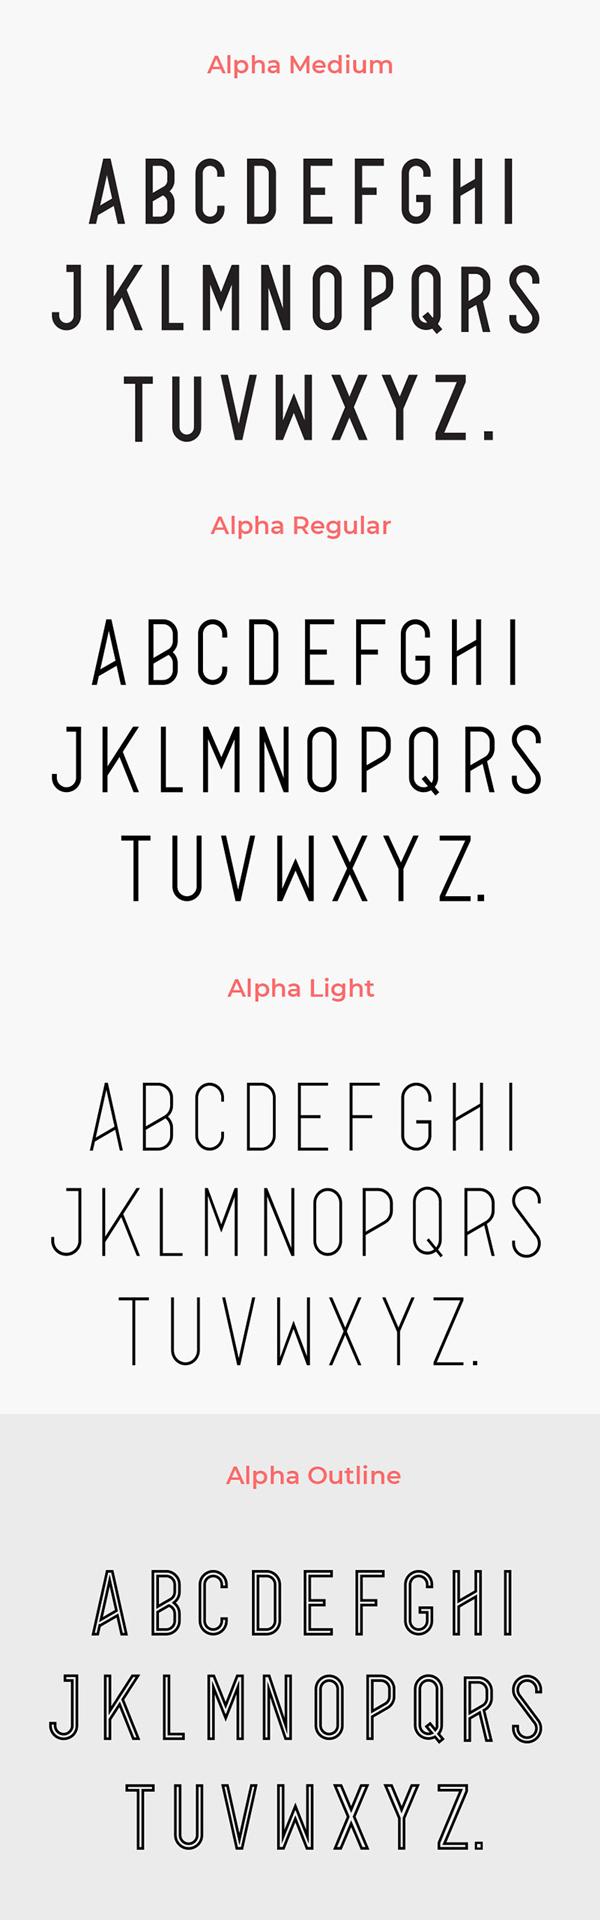 Alpha Font Letters